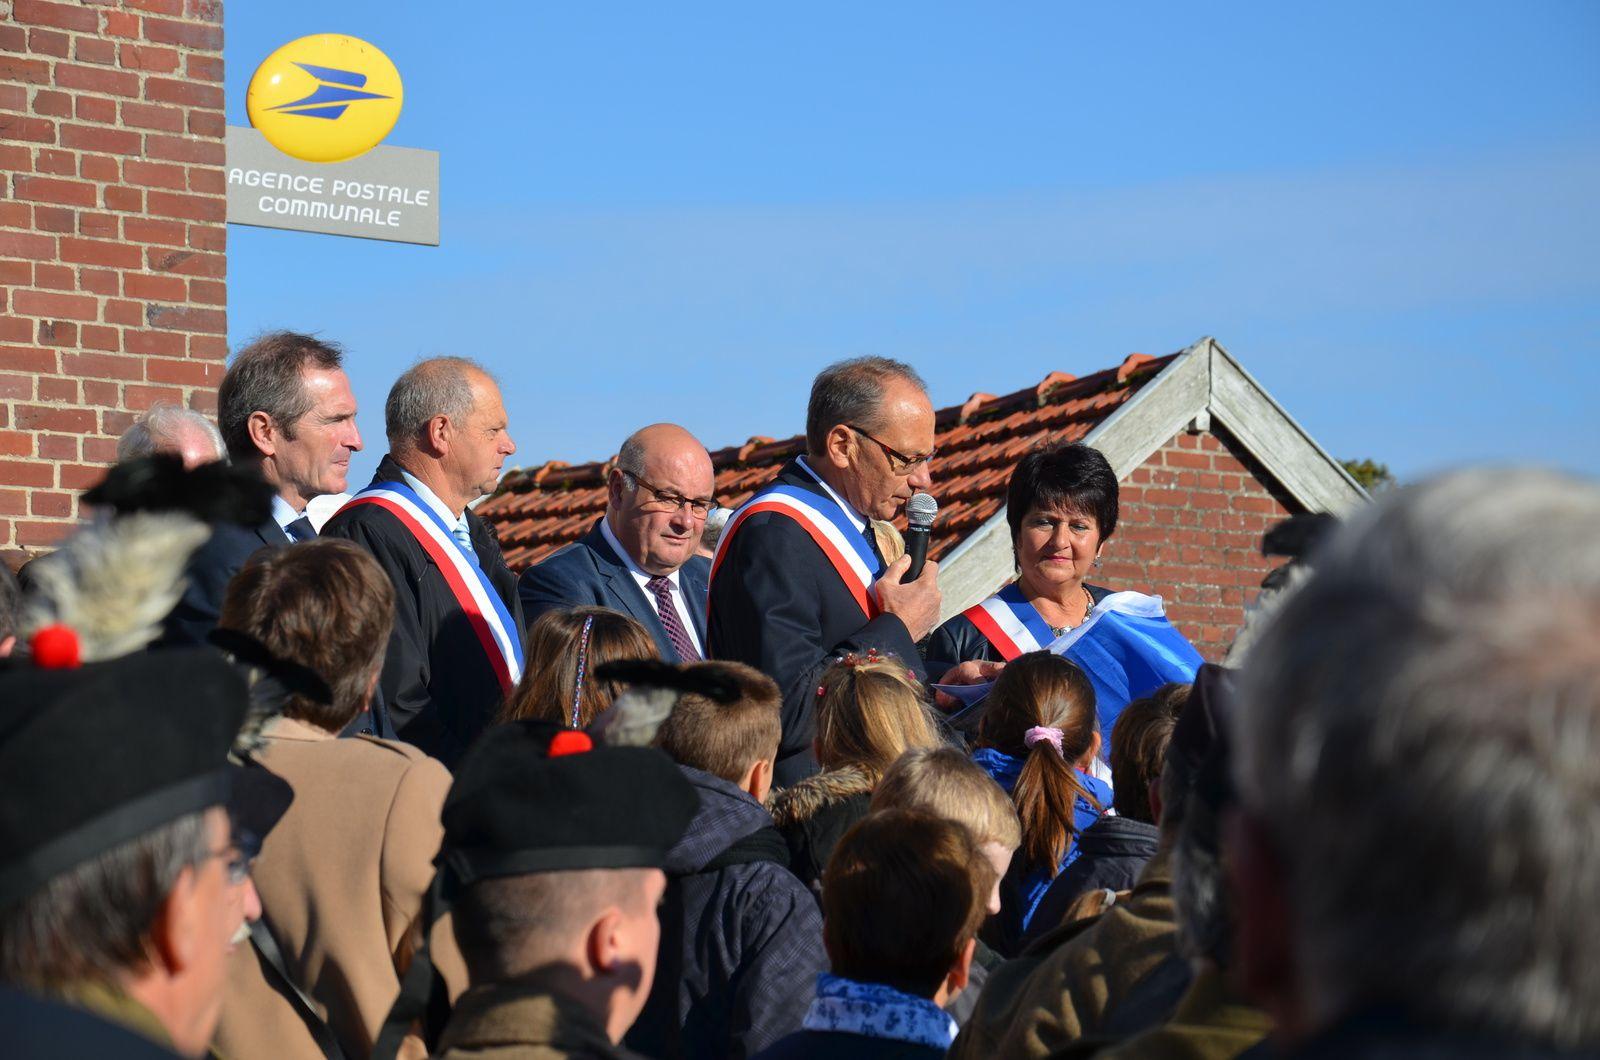 c'était dimanche 16 octobre à Etricourt-Manancourt